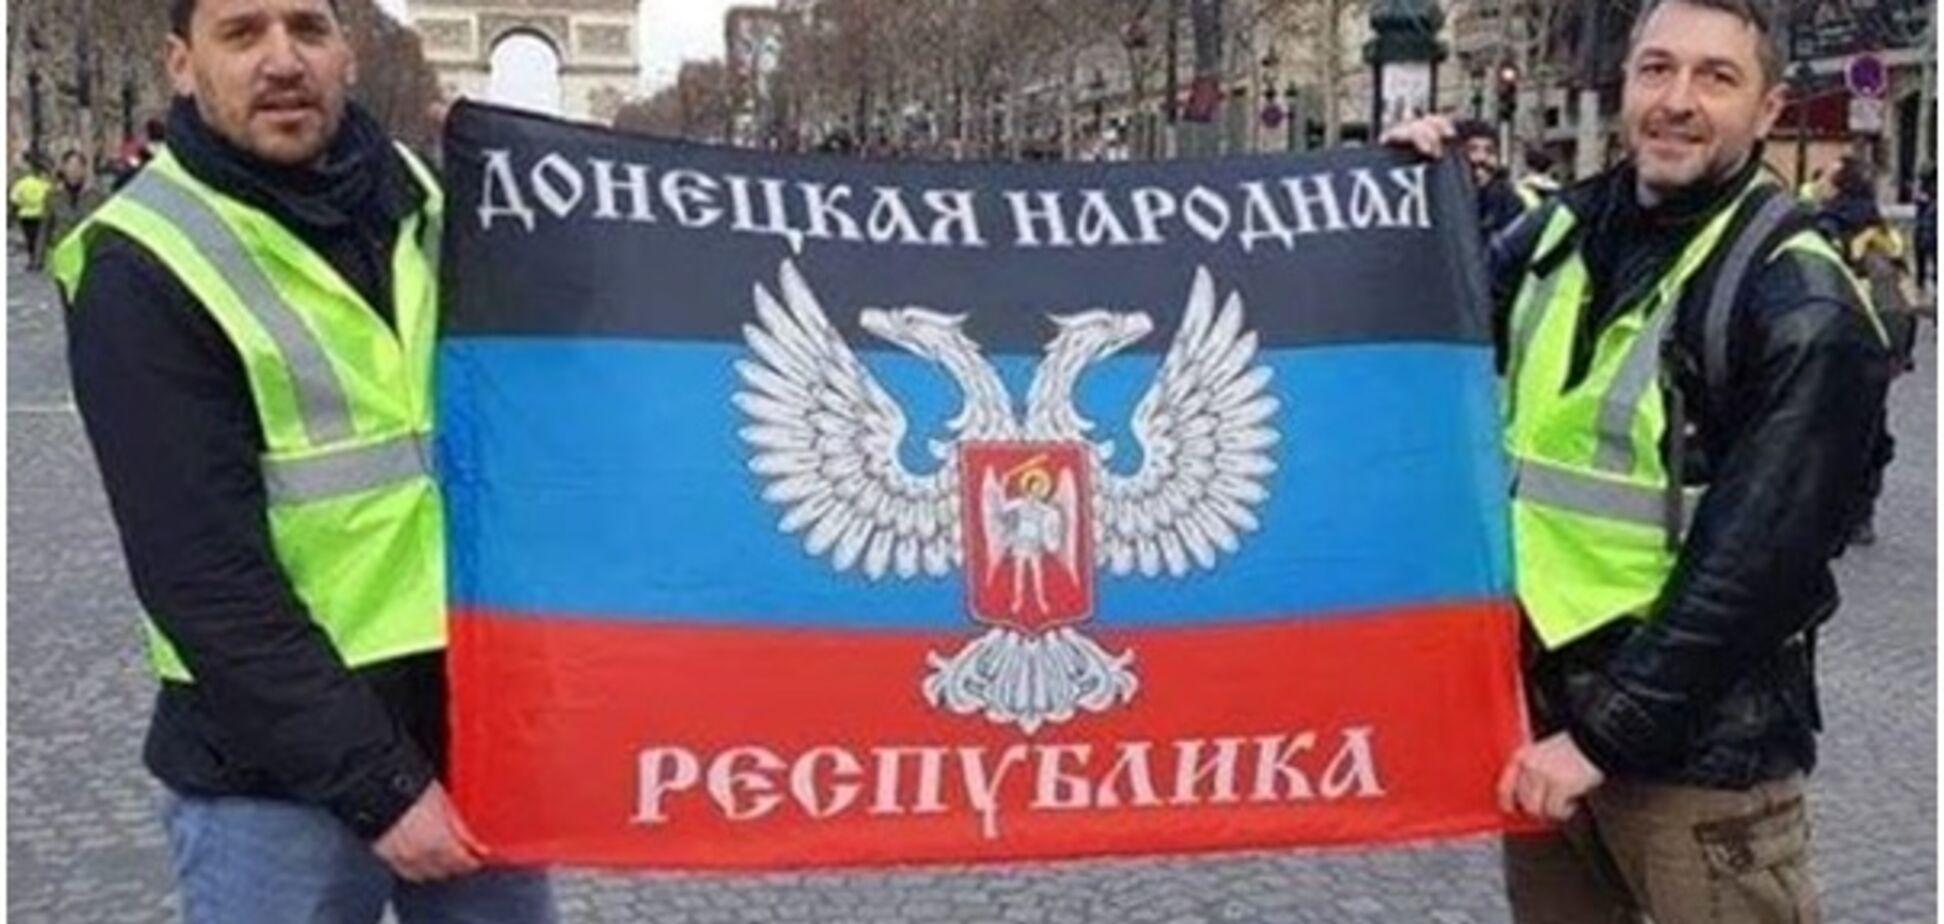 Європа в обіймах ''русского міра''